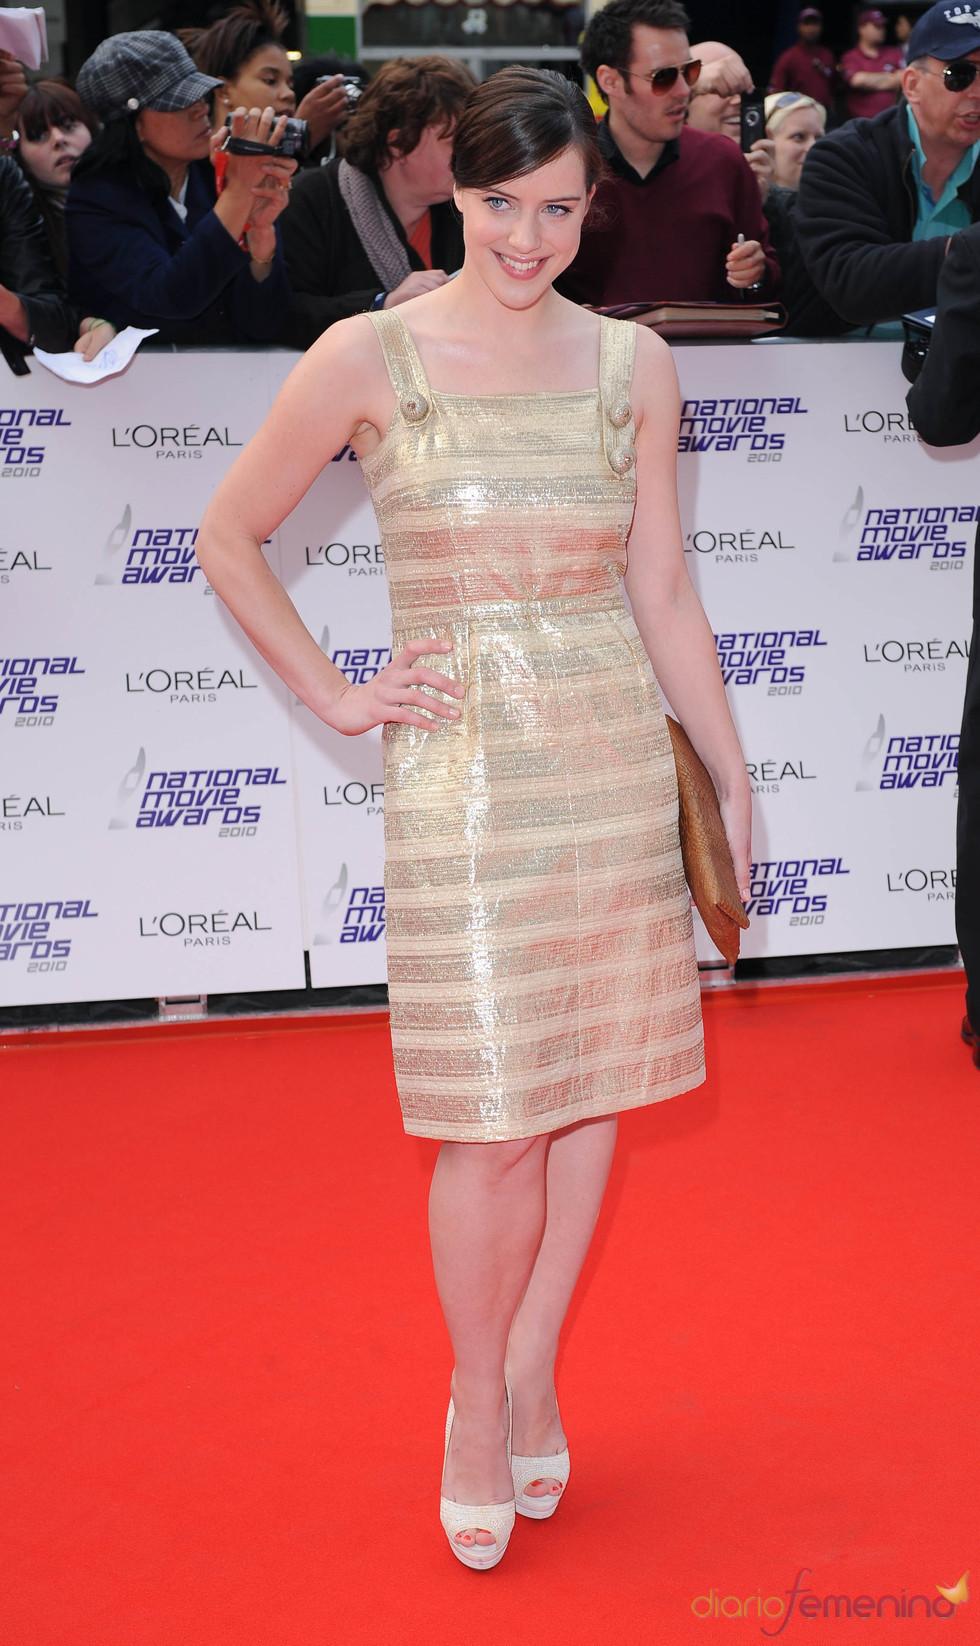 Michelle Ryan en los National Movies Awards